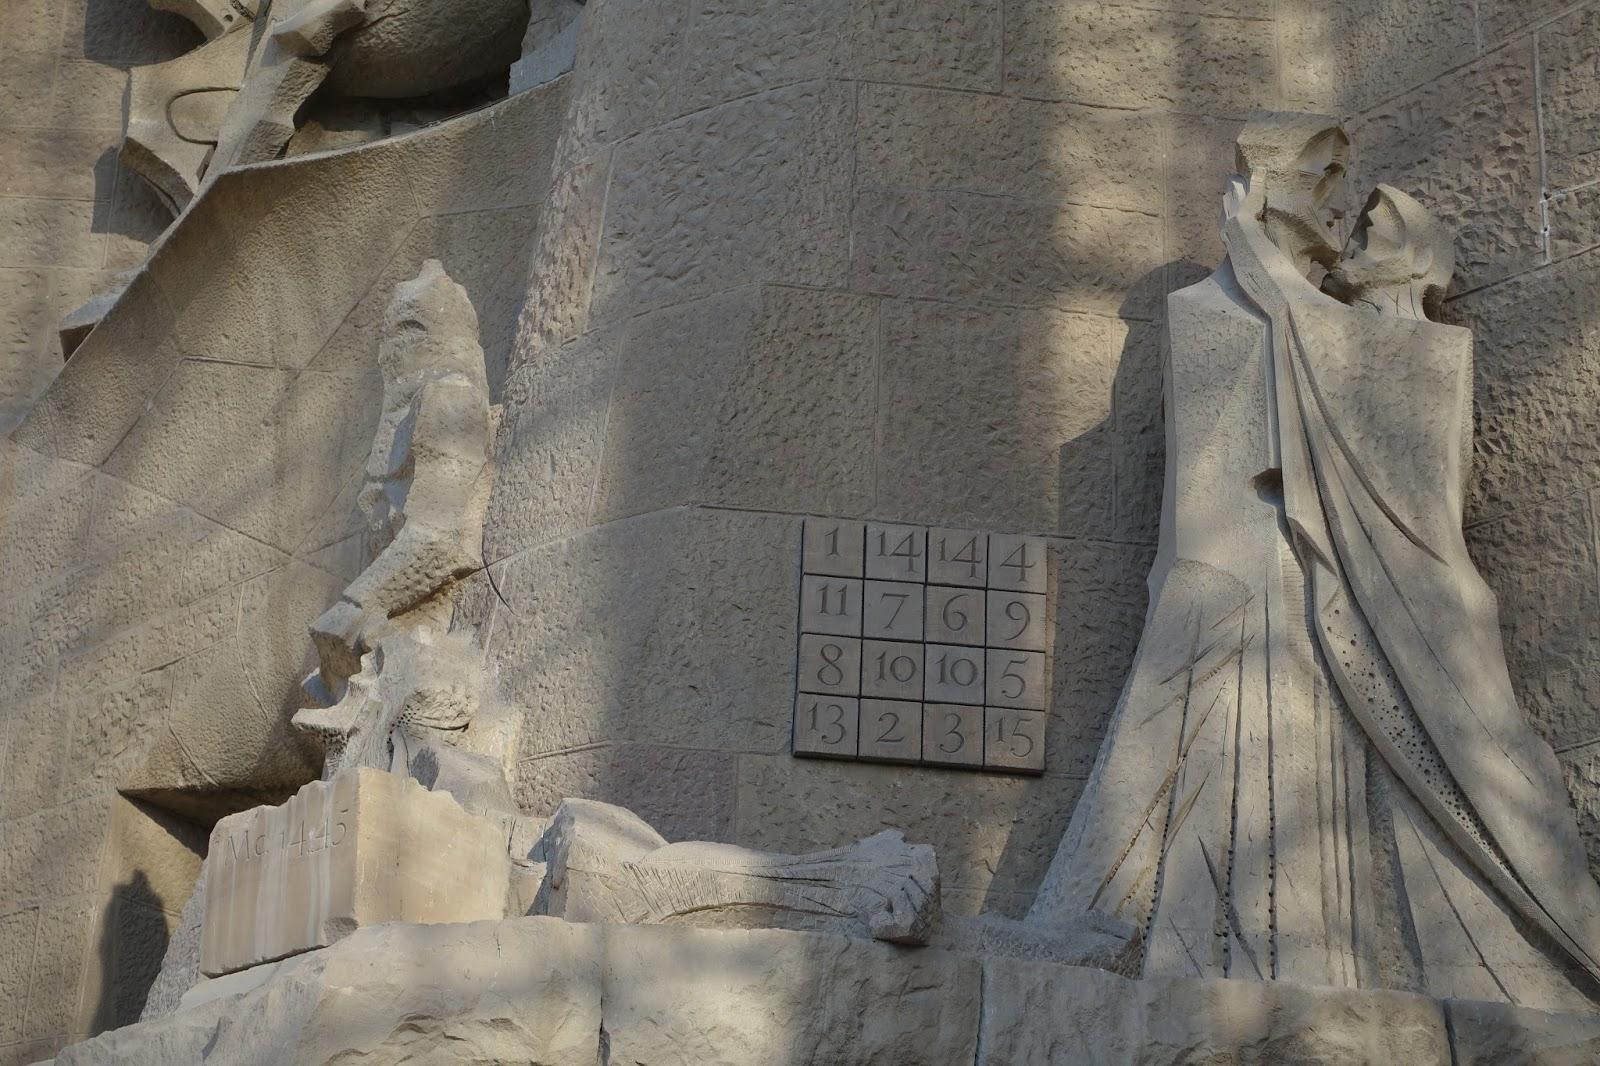 サグラダ・ファミリア (Sagrada Familia) 数字の羅列